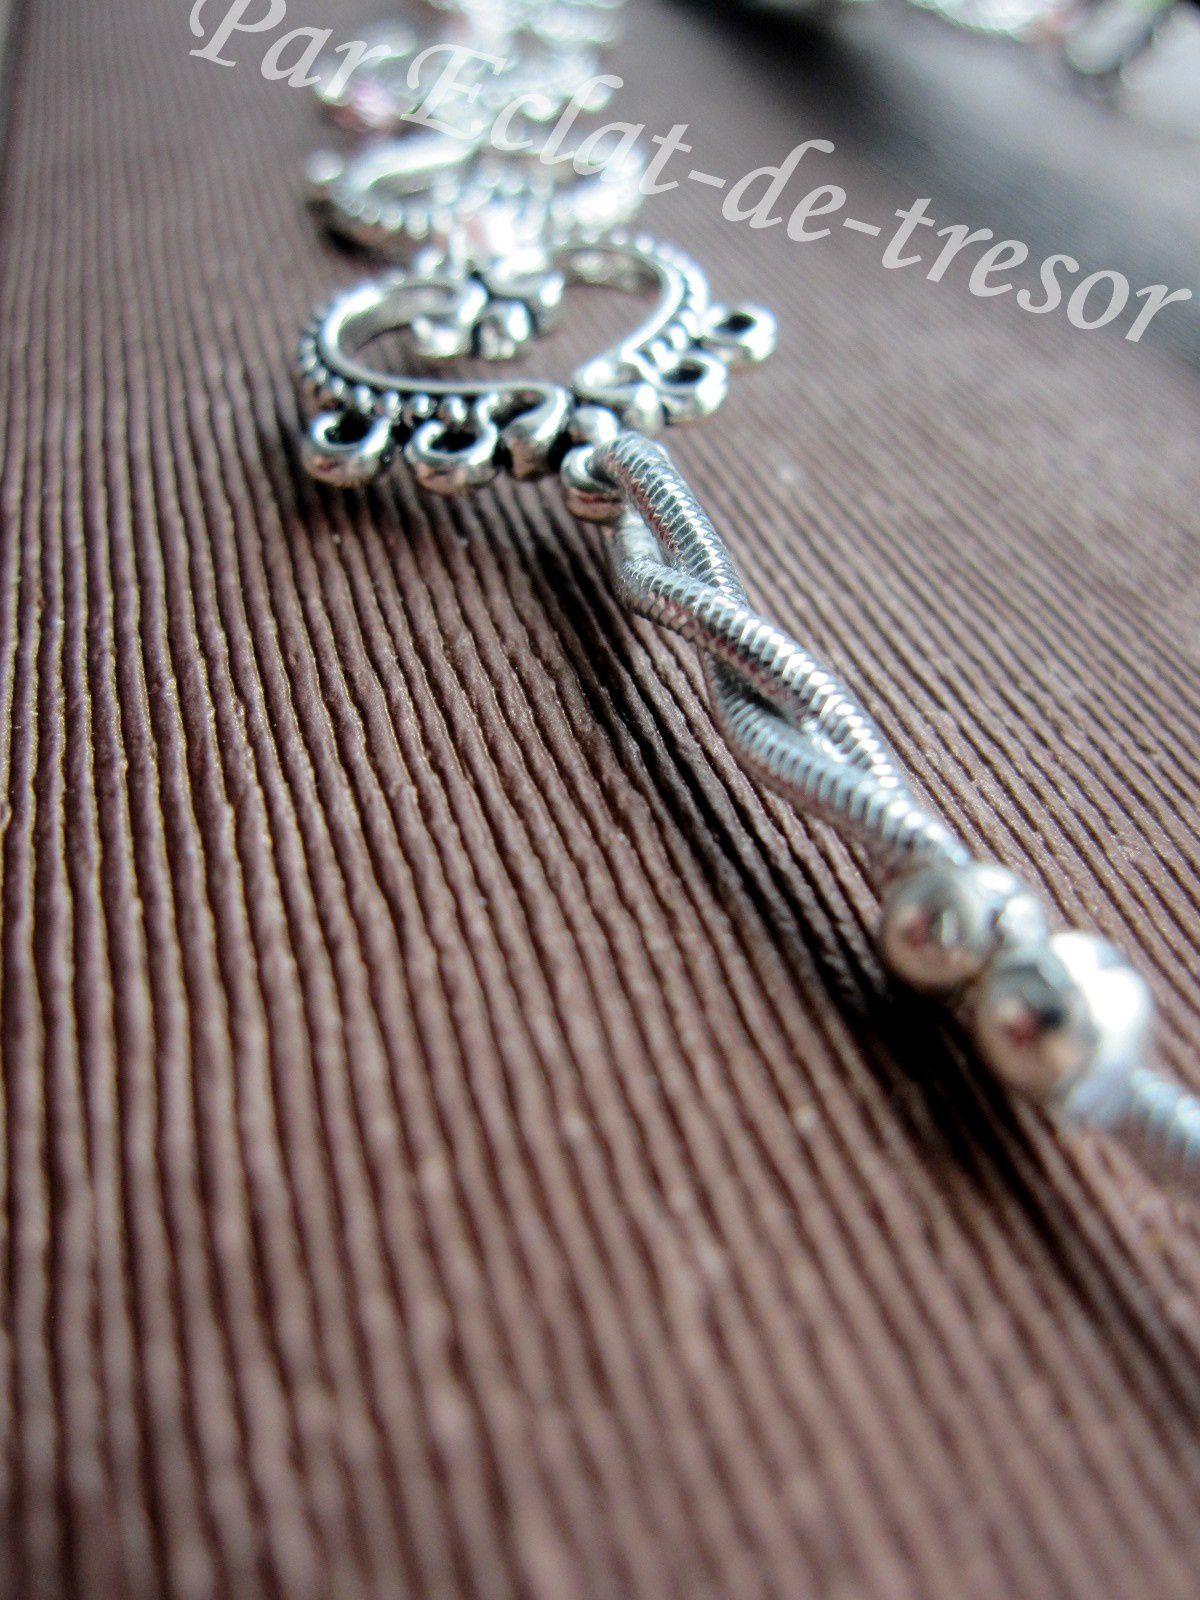 HEADBAND ENCHAINEMENT DE COEURS, PERLE ROSE NACRÉ - Accessoire indispensable de cet été, ce bijou de tête romantique s'adapte à toutes les têtes grâce à son élastique argenté.  Conçu avec des coeurs en métal argenté reliés par des perles rose nacré et des cristaux Swarovski améthyste clair. Longueur : 51cm (réglable). [VENDU]